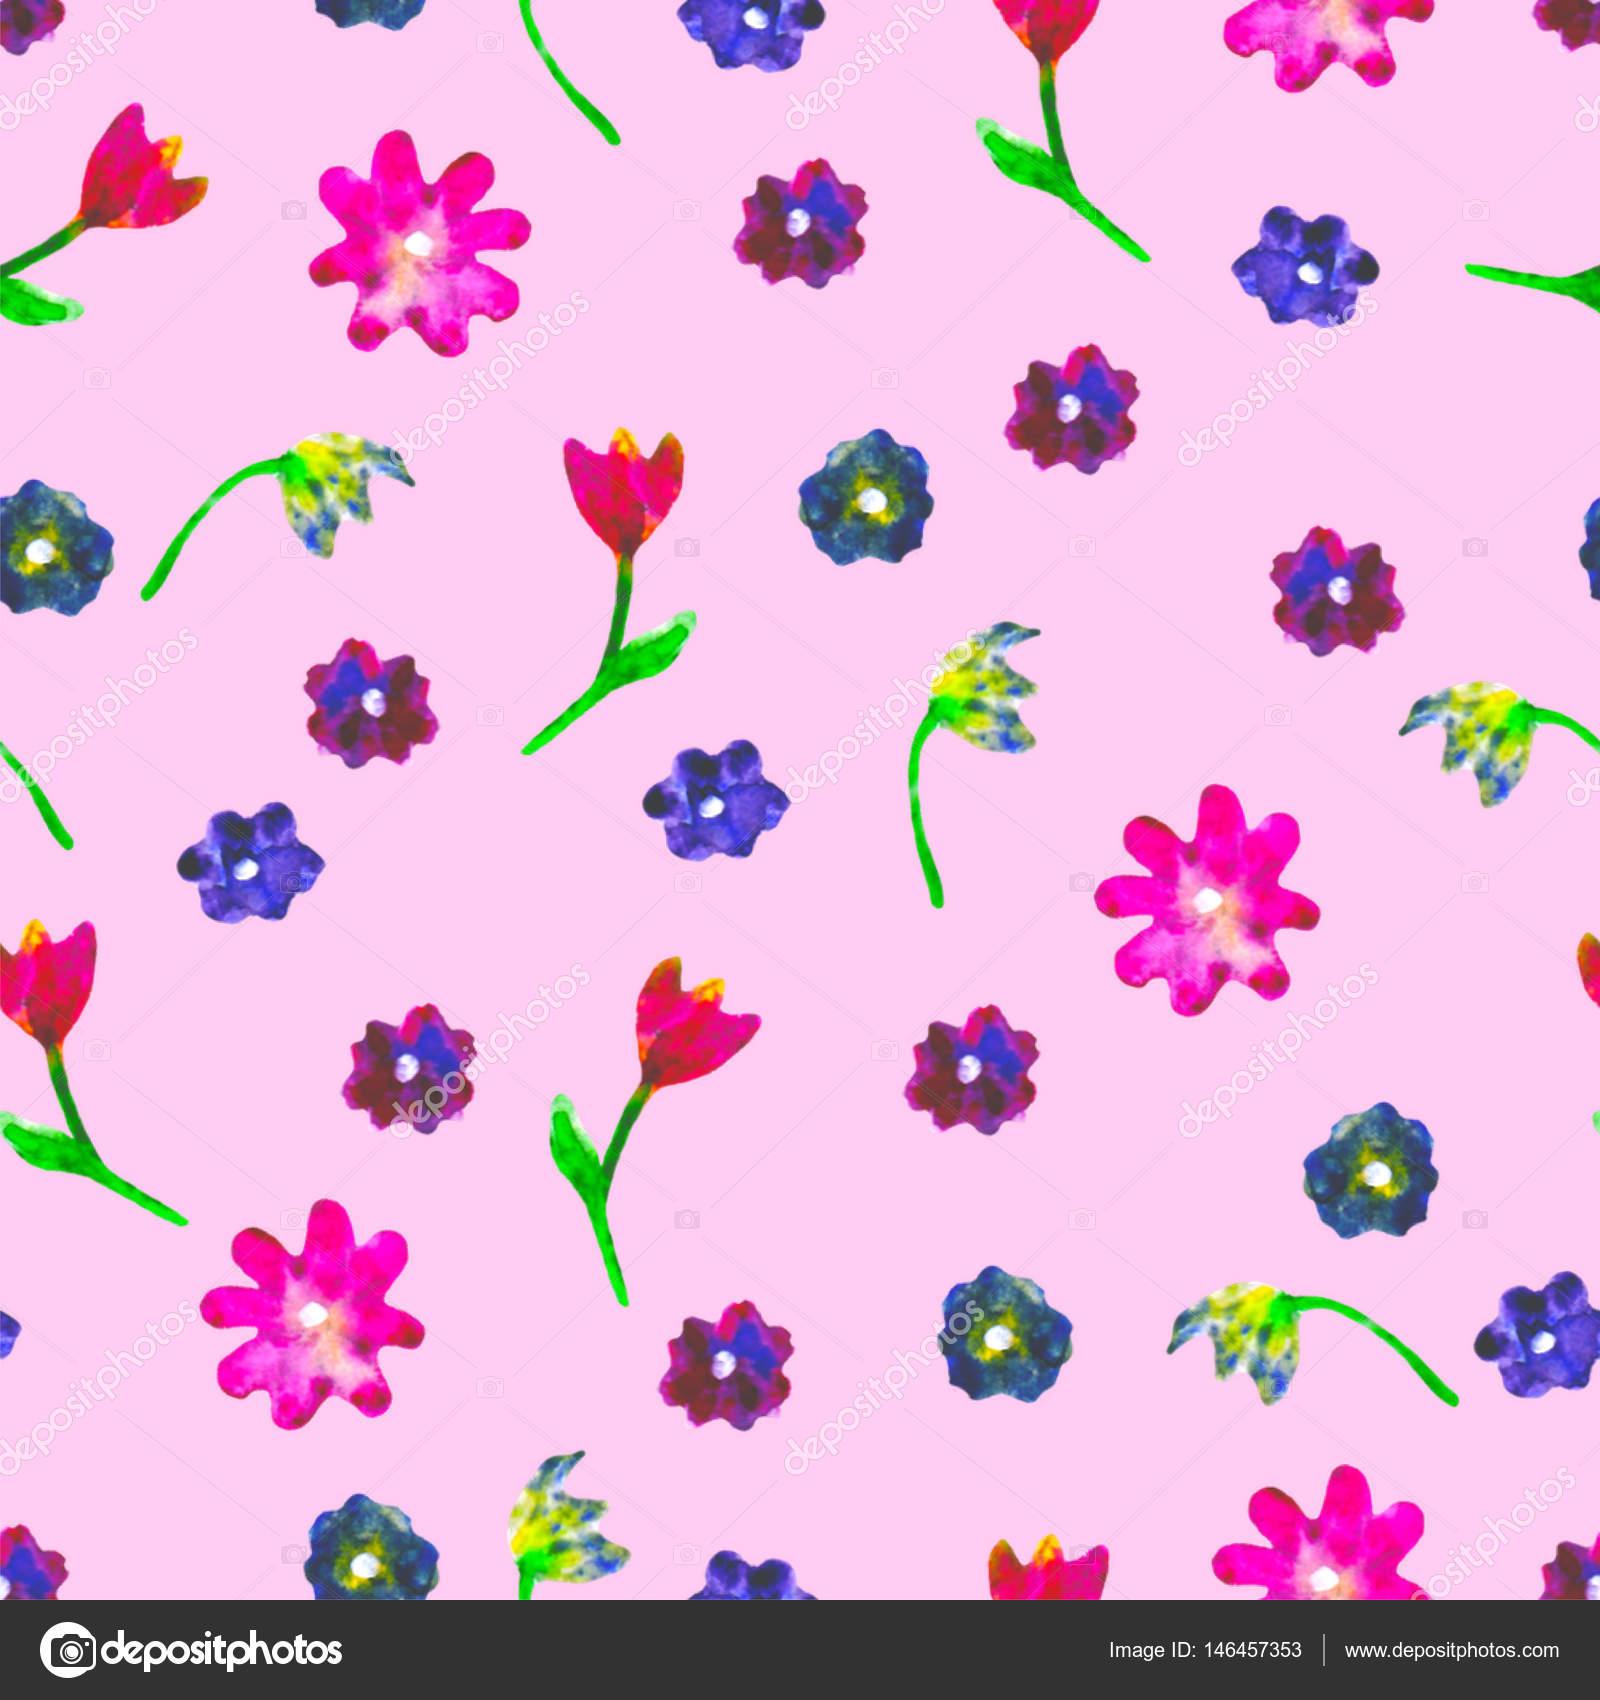 padrão de aquarela sem emenda ovos coloridos e flores sobre fundo